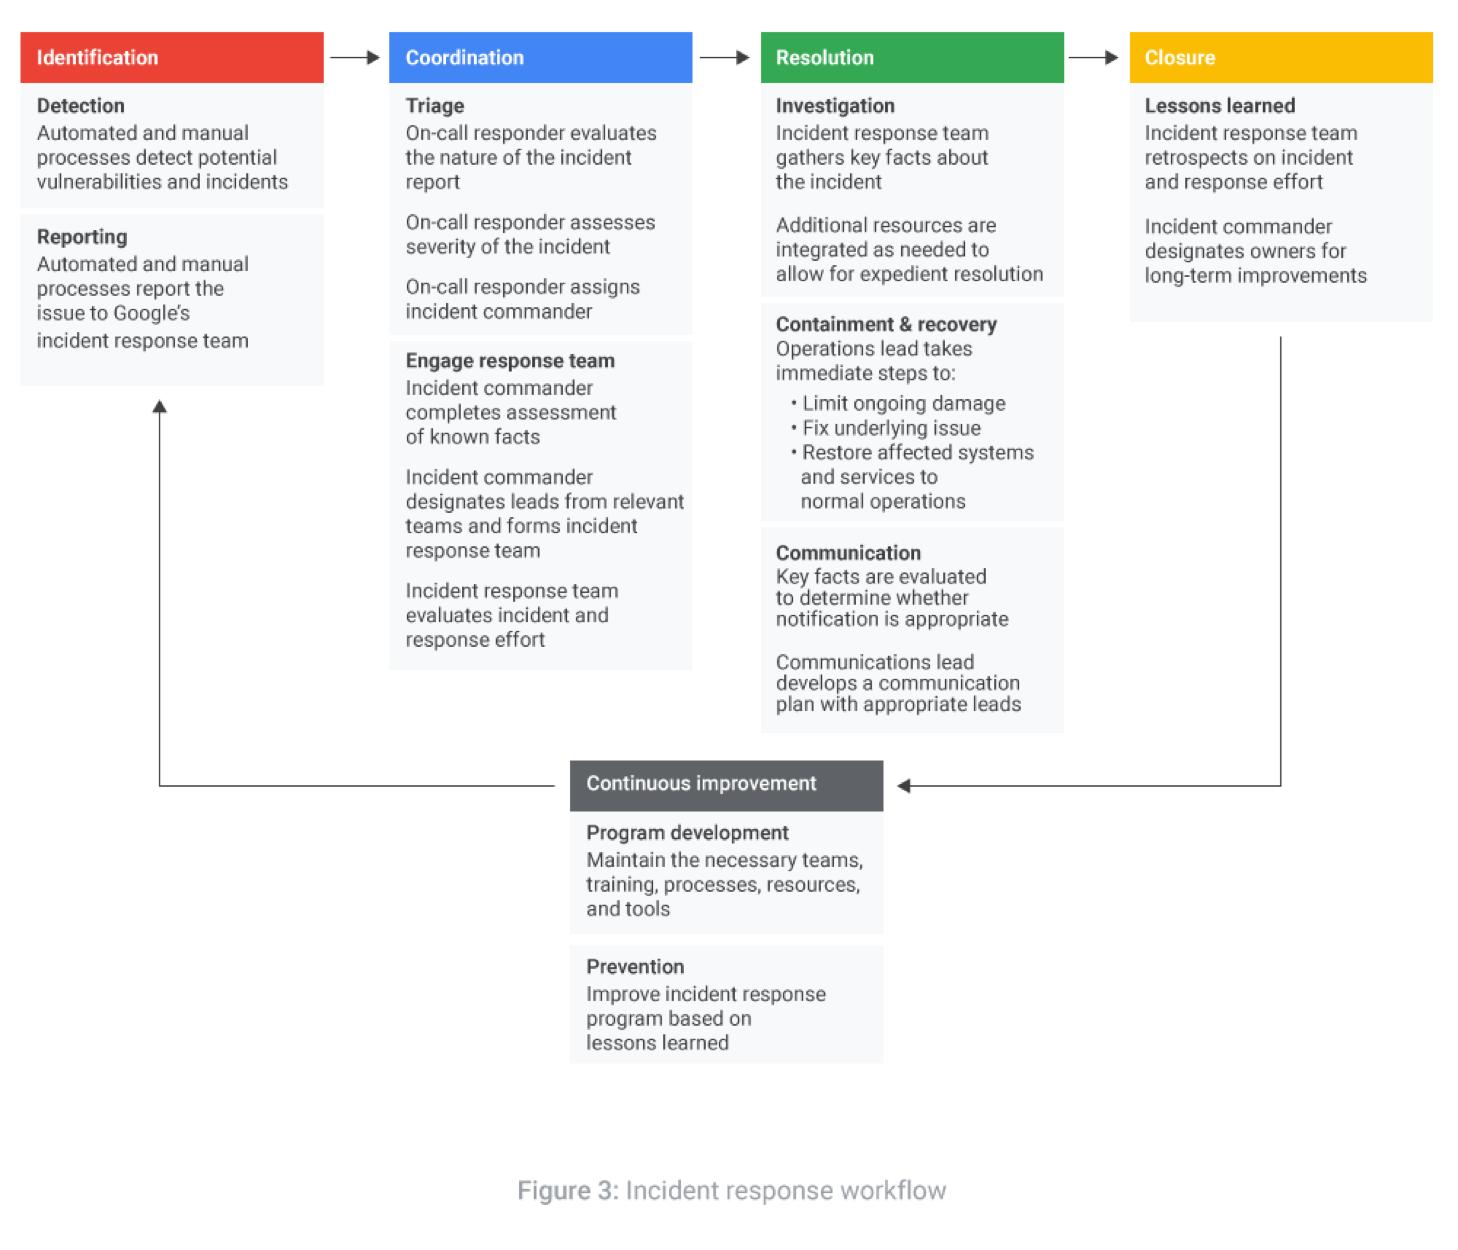 Workflow für die Reaktion auf Vorfälle